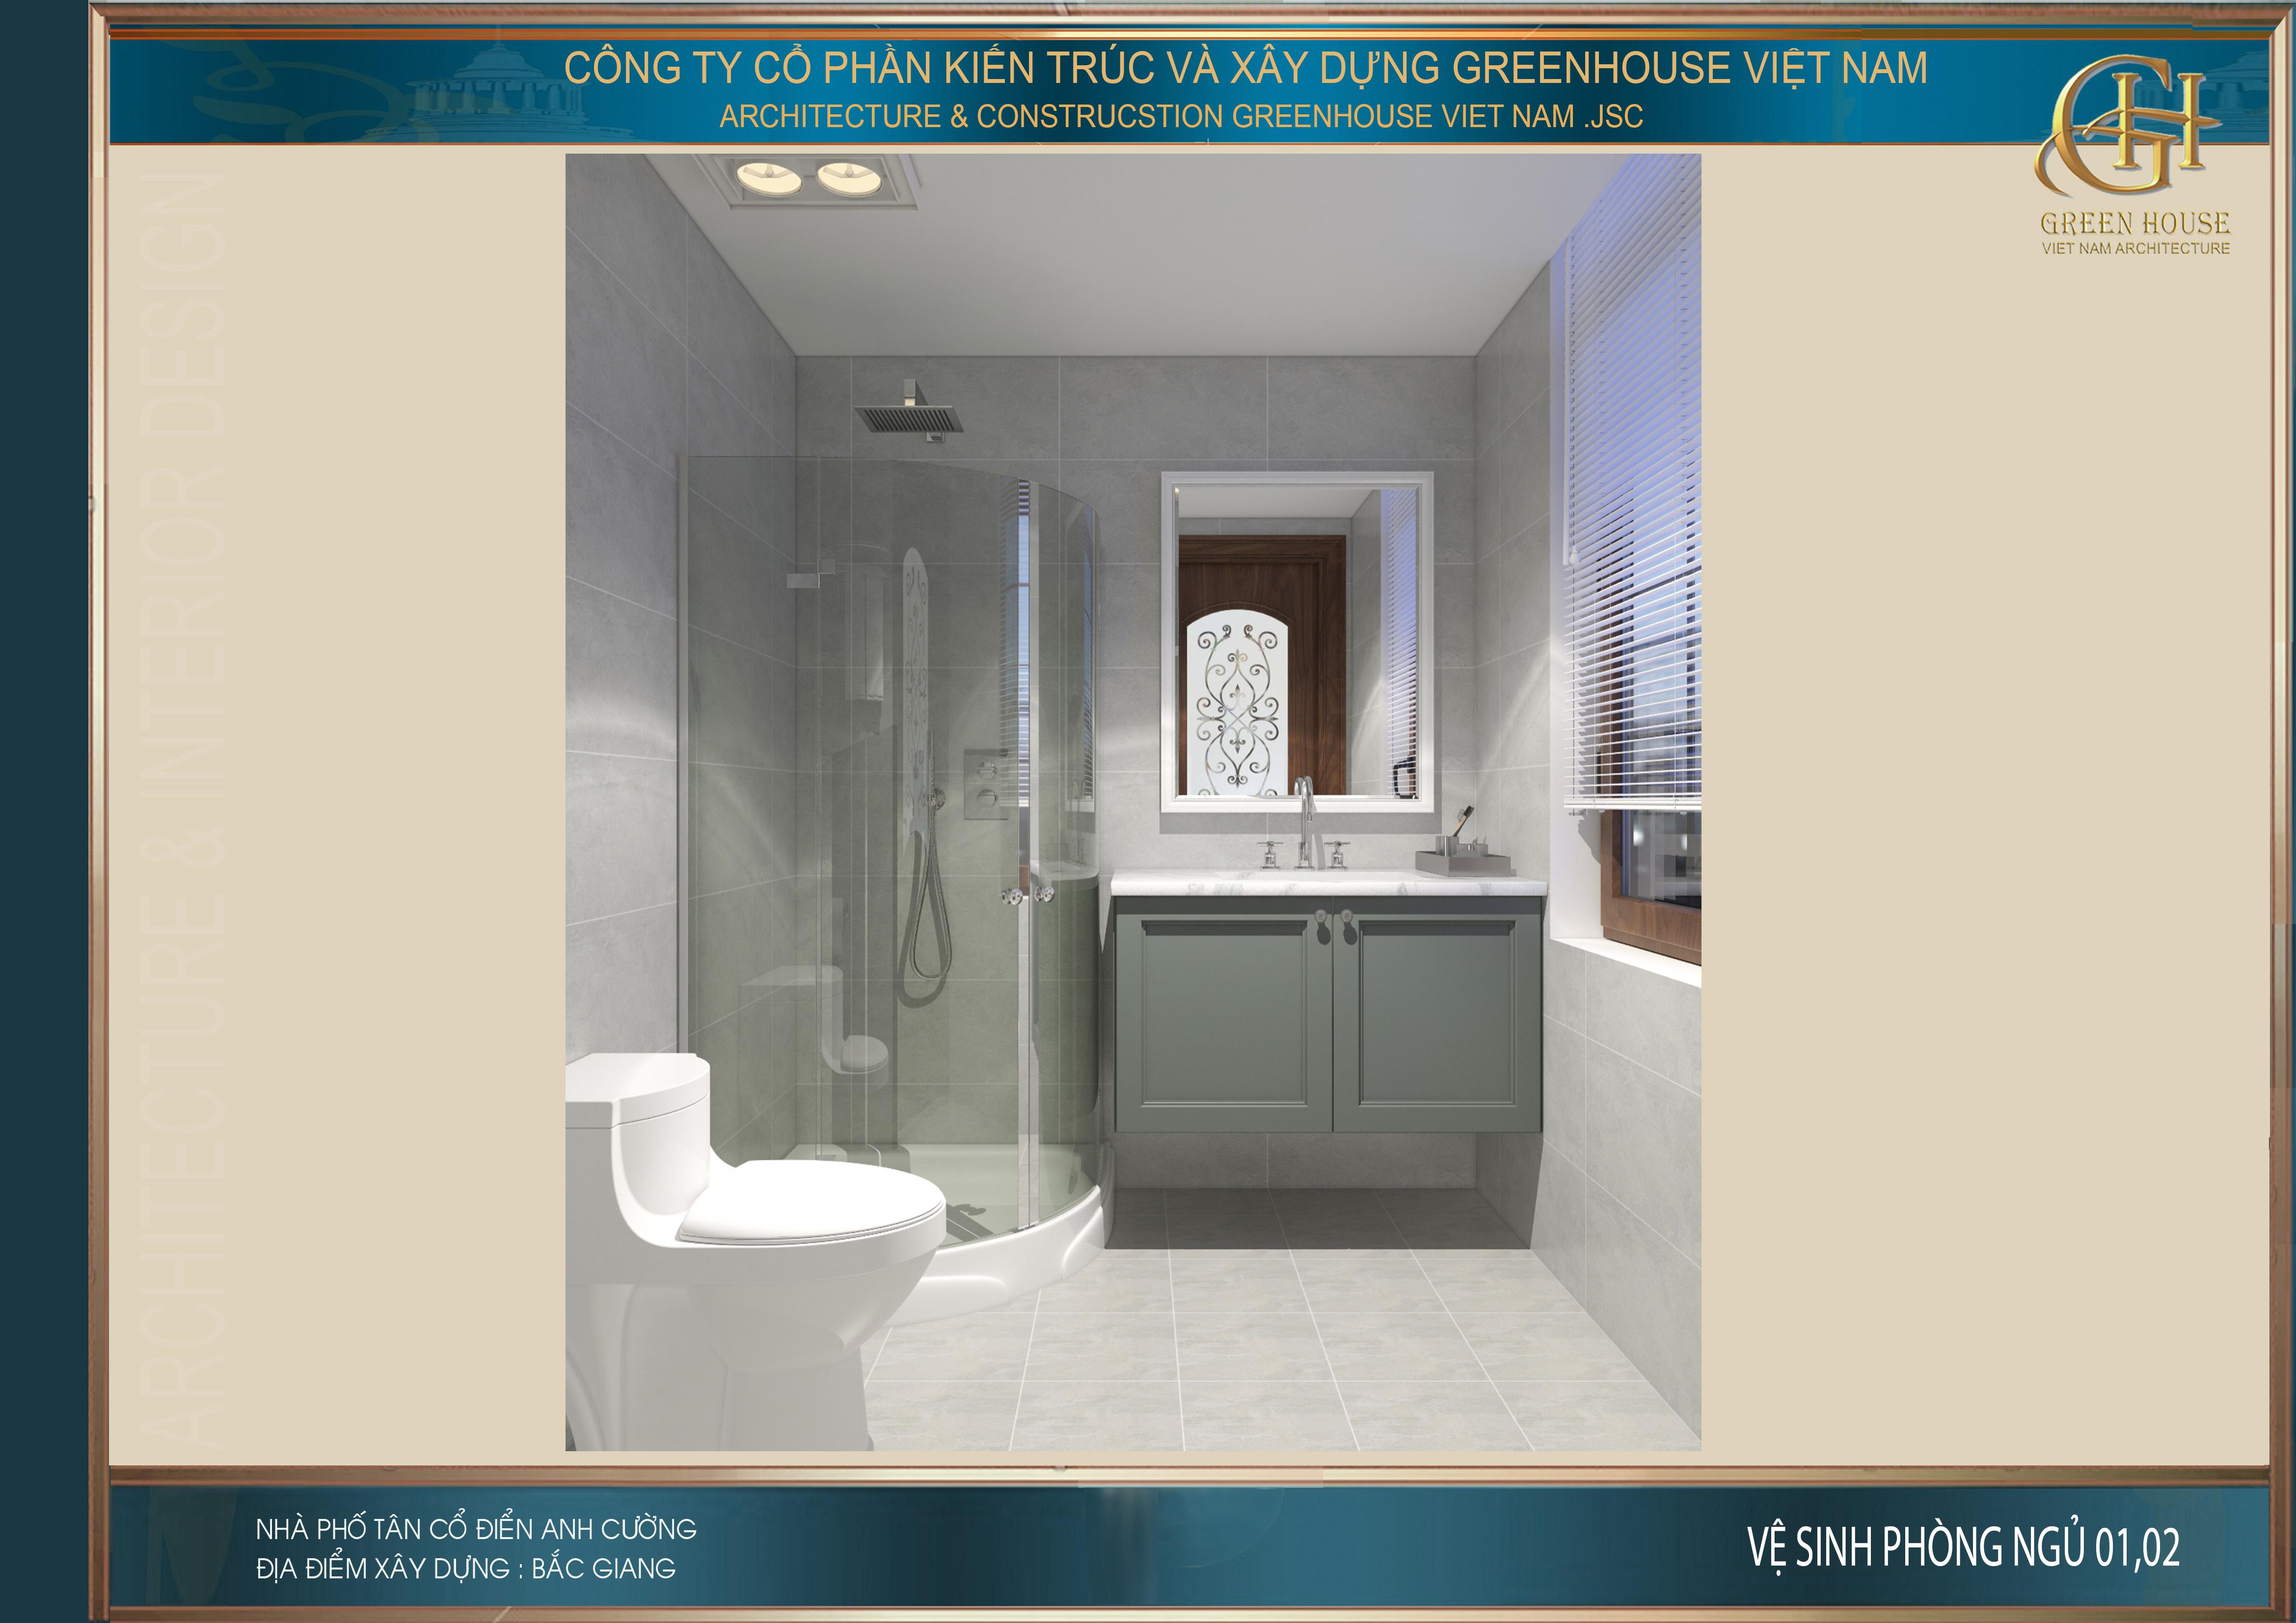 Thiết kế phòng vệ sinh riêng cho phòng ngủ tại tầng 1